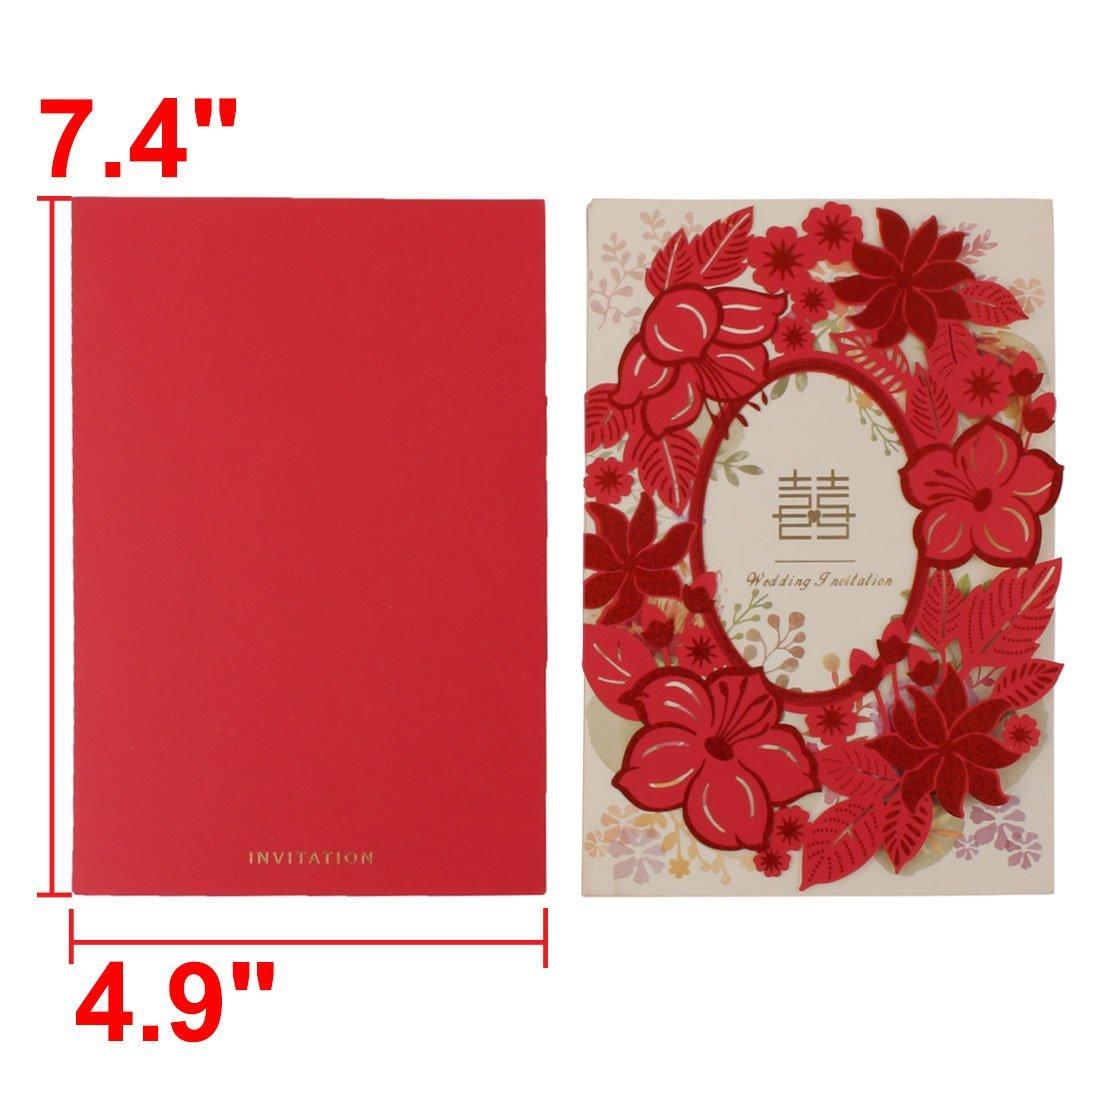 Amazon.com: eDealMax Estampado de Flores de Papel la boda del Partido nupcial de la ducha tarjetas de invitación de la Cena DE 10 sistemas: Home & Kitchen